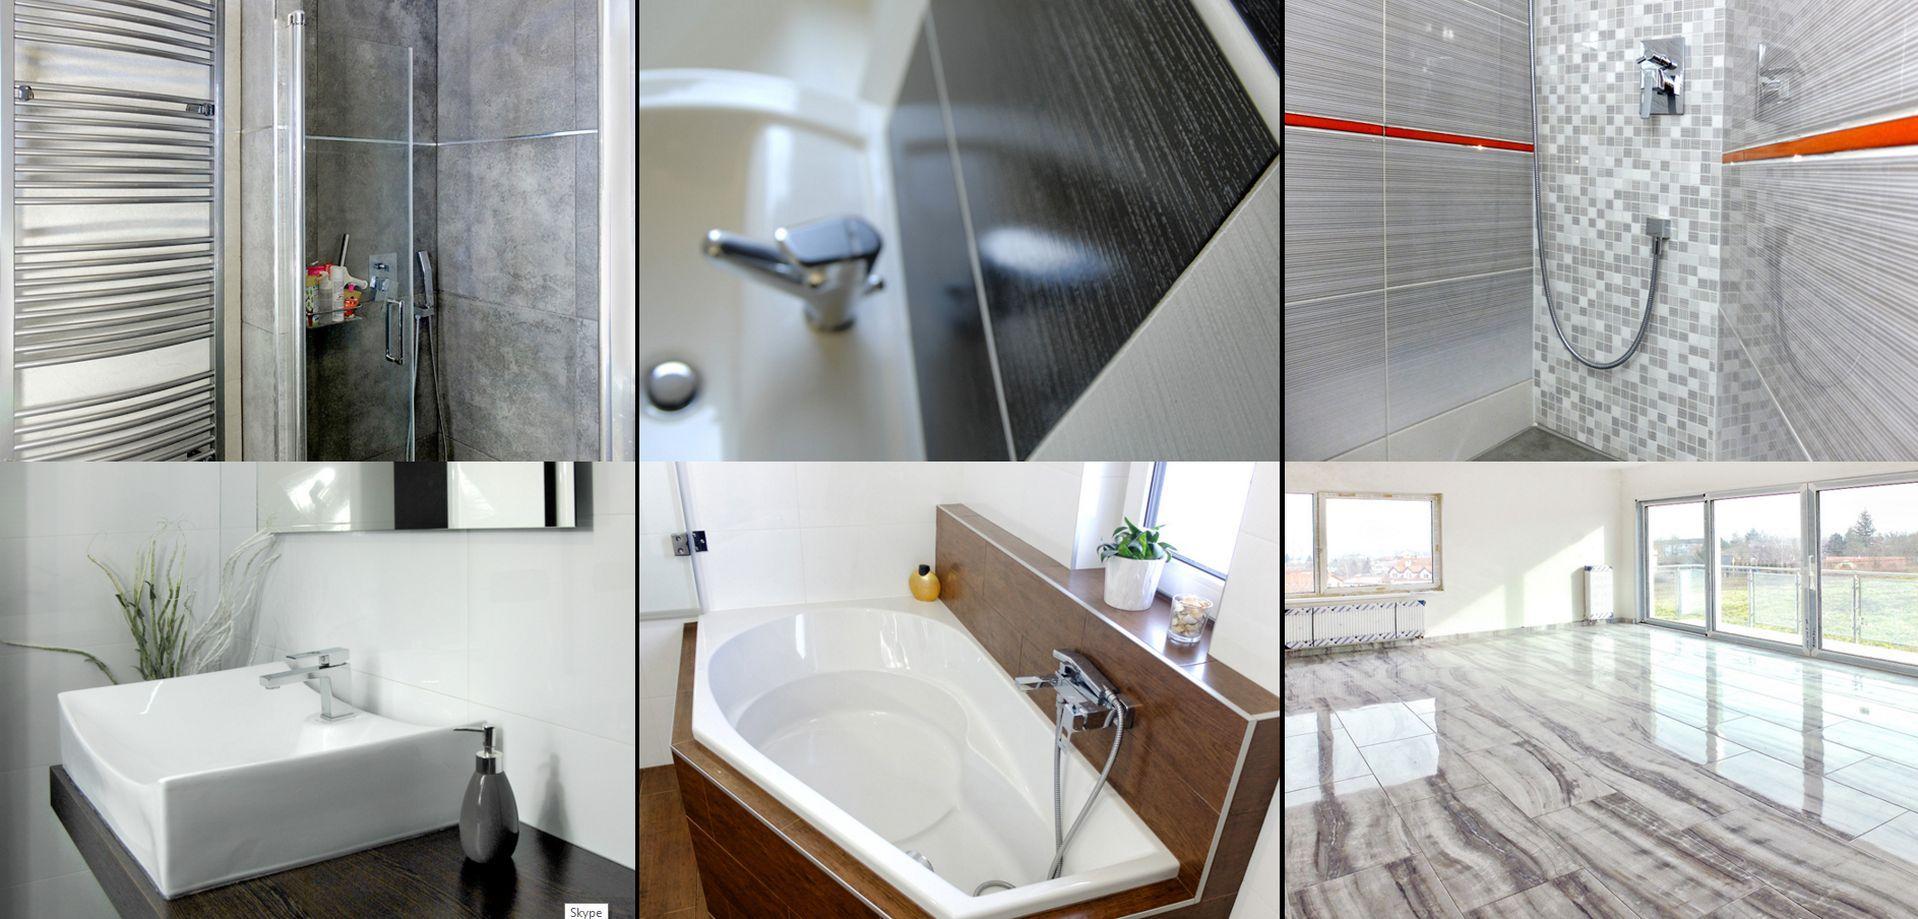 REKONSTRUKCE KOUPELNY Plzeň: obkladači v Plzni provedou kompletní rekonstrukci koupelny v Plzni i v okolí Plzně